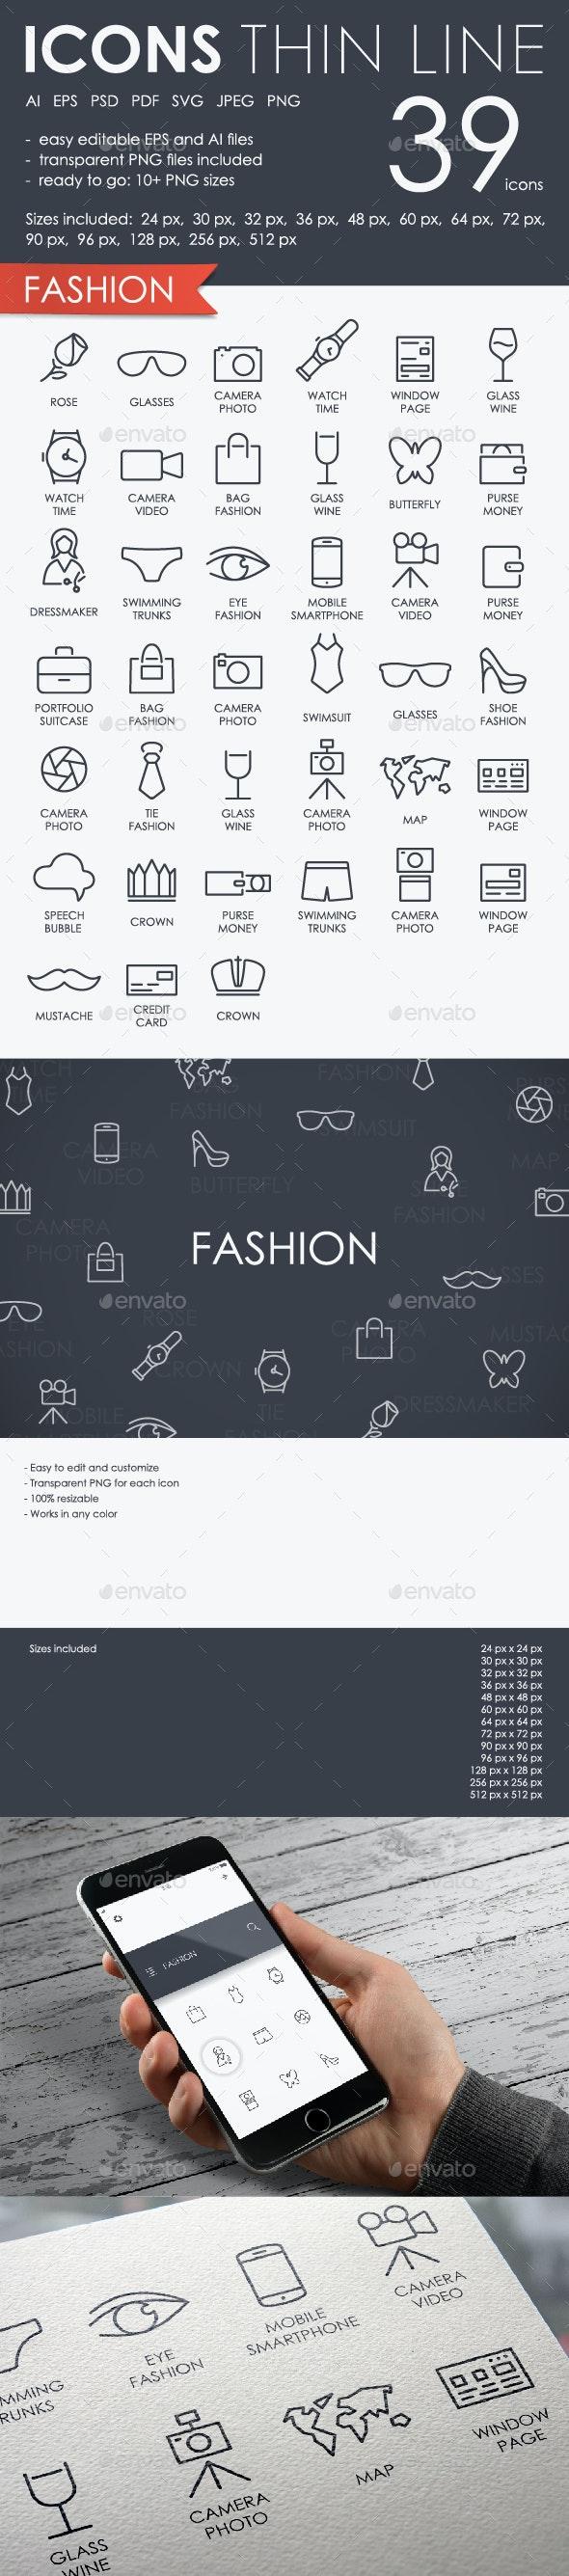 Fashion thinline icons